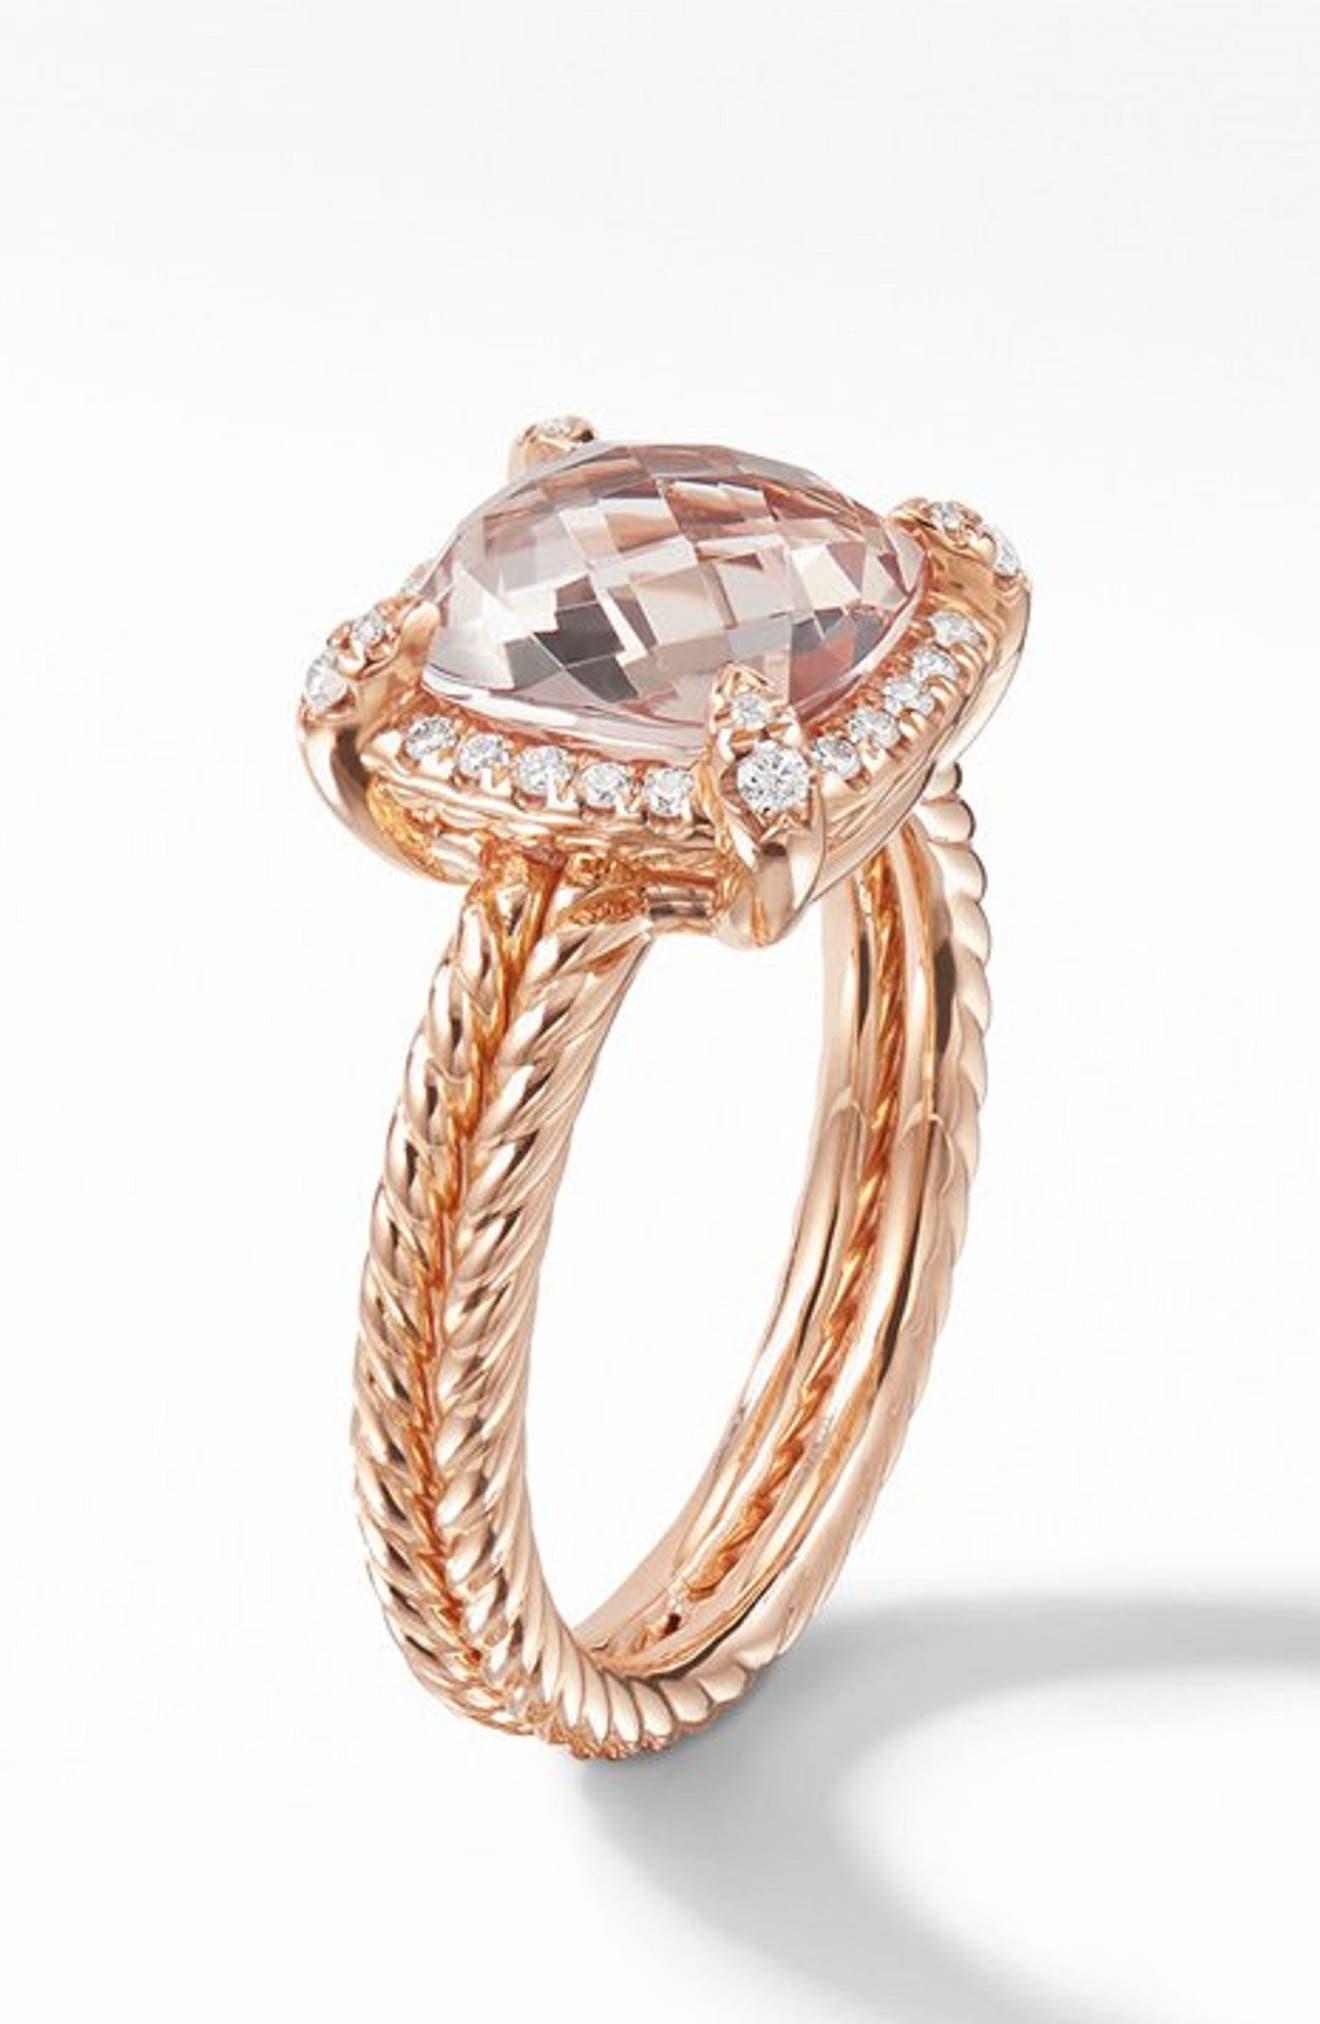 Chatelaine<sup>®</sup> Pavé Bezel Ring in 18K Rose Gold,                             Alternate thumbnail 2, color,                             ROSE GOLD/ DIAMOND/ MORGANITE